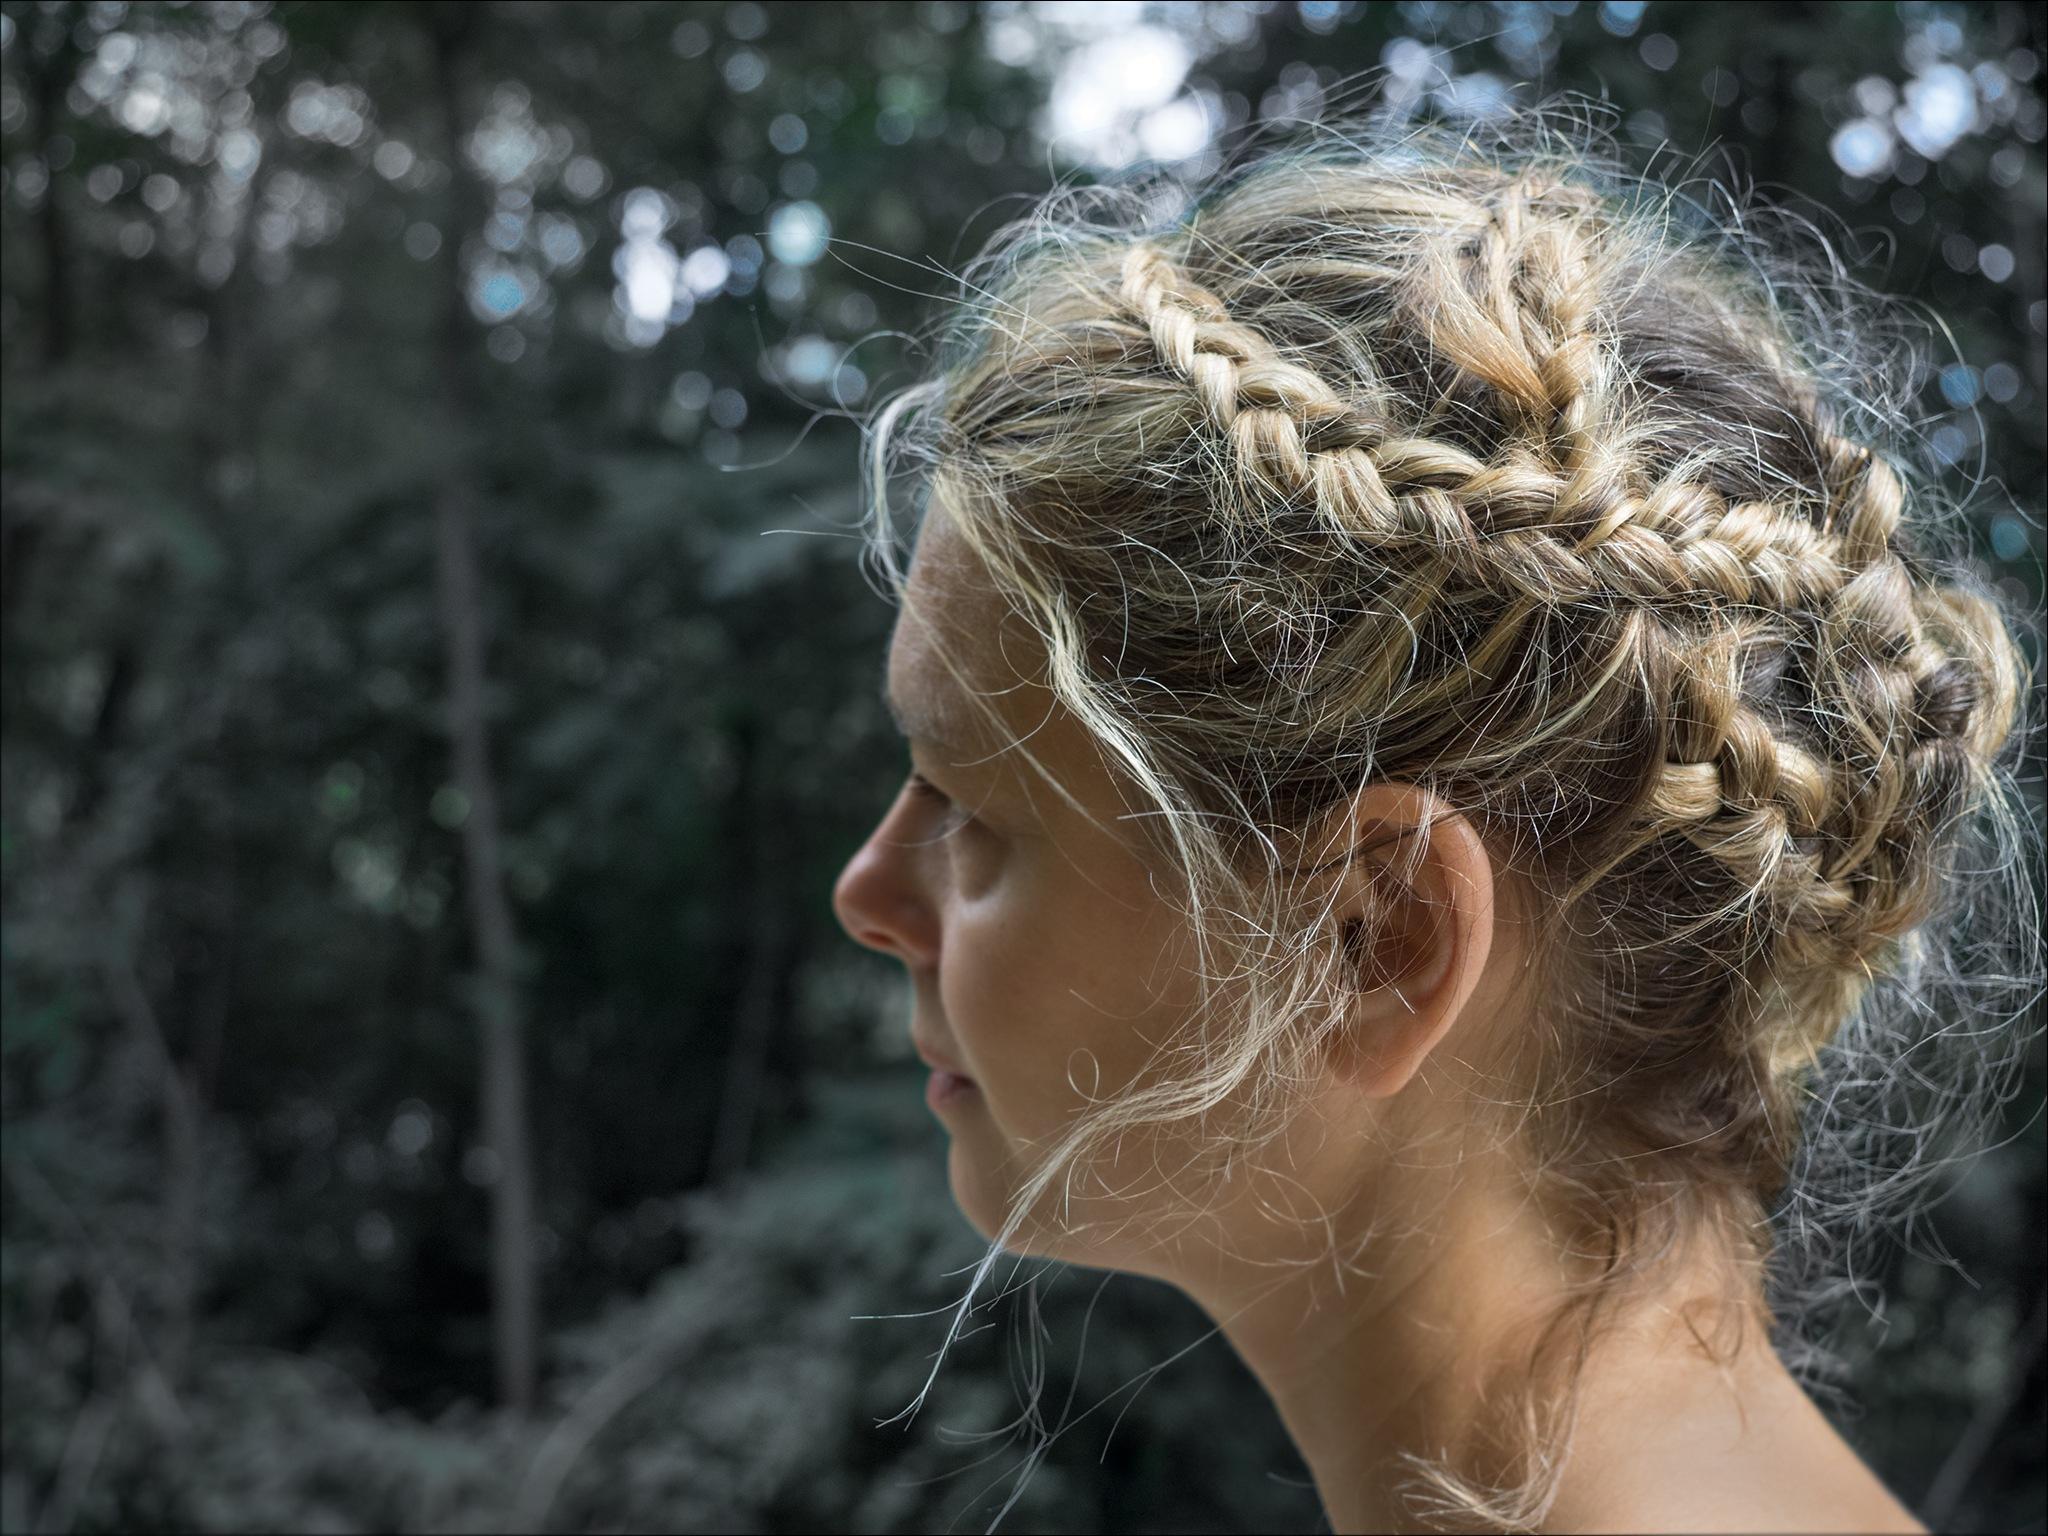 hair by Ganesh G. Neumair